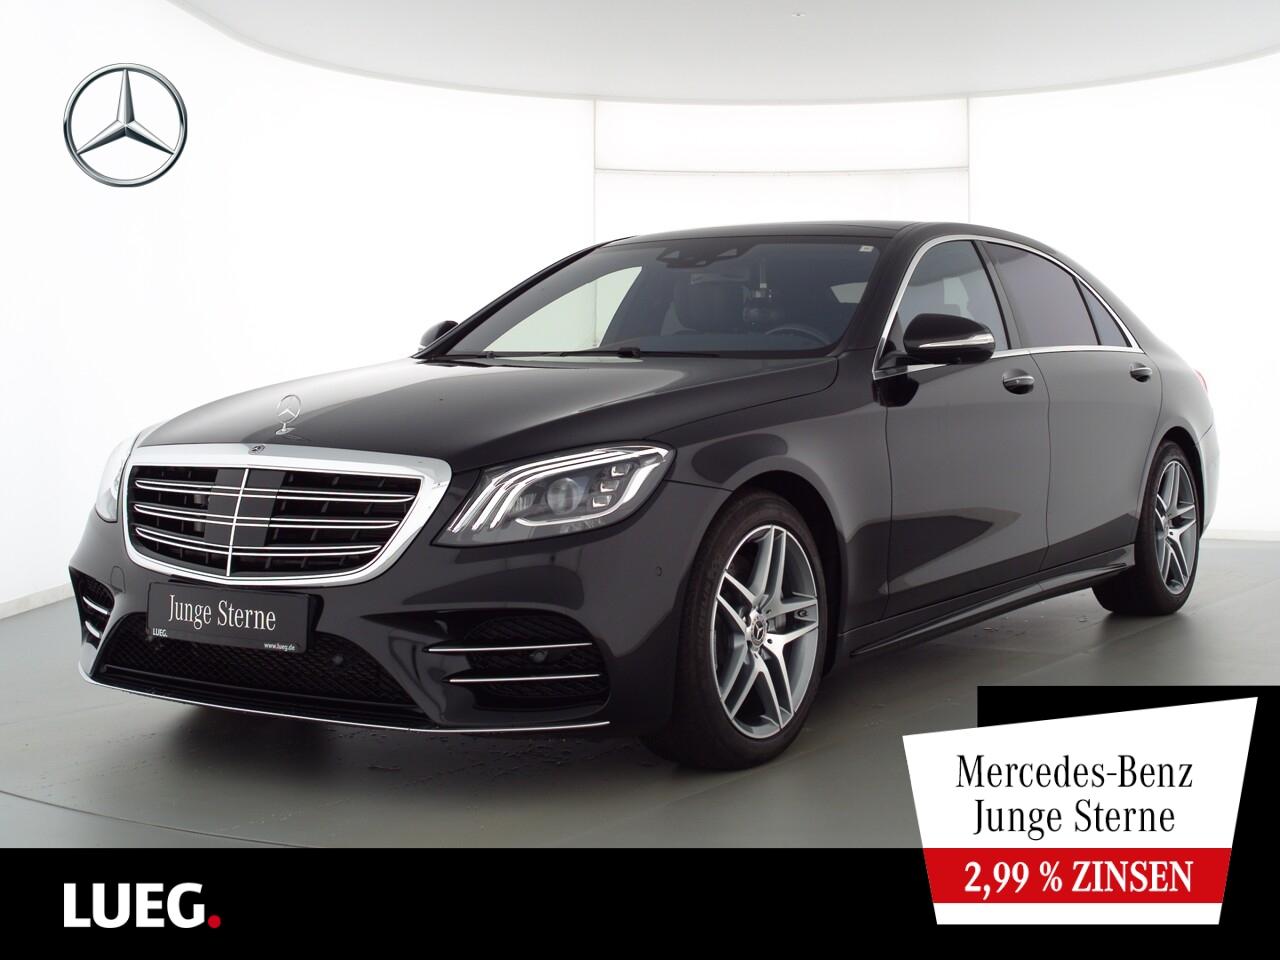 Mercedes-Benz S 450 L 4M AMG+COM+PD+Burm+Mbeam+HUD+FondEnt+360, Jahr 2020, Benzin